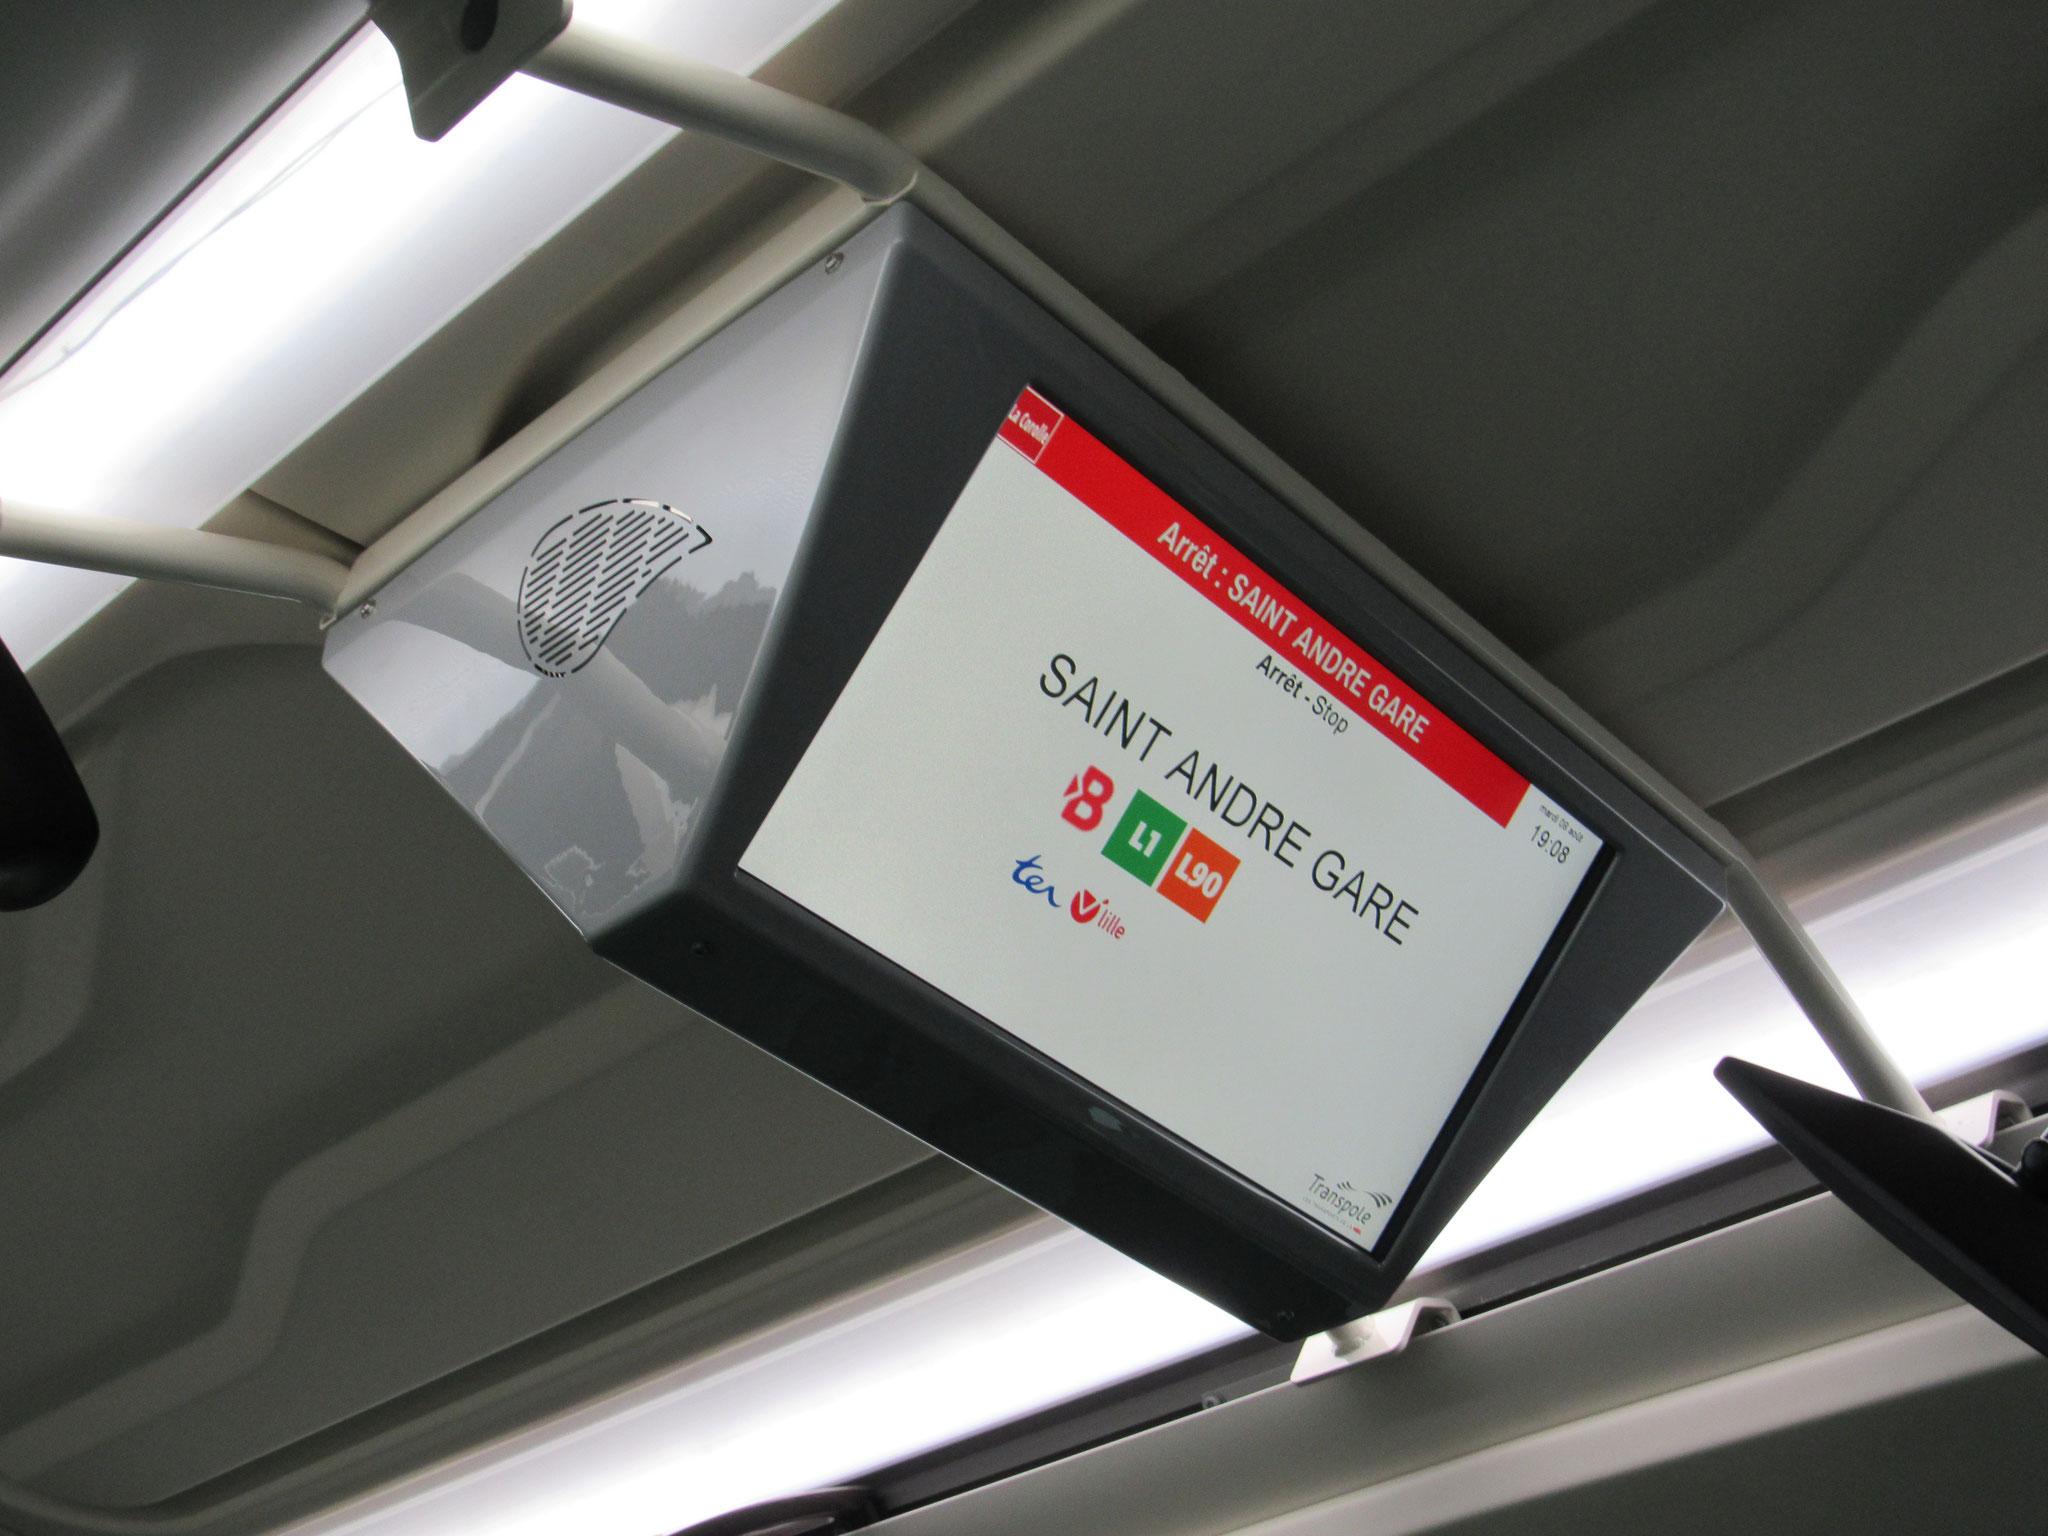 Écran Ineo présent dans le bus 10414 - déjà présent sur les derniers Citelis 18 GNV de 2013